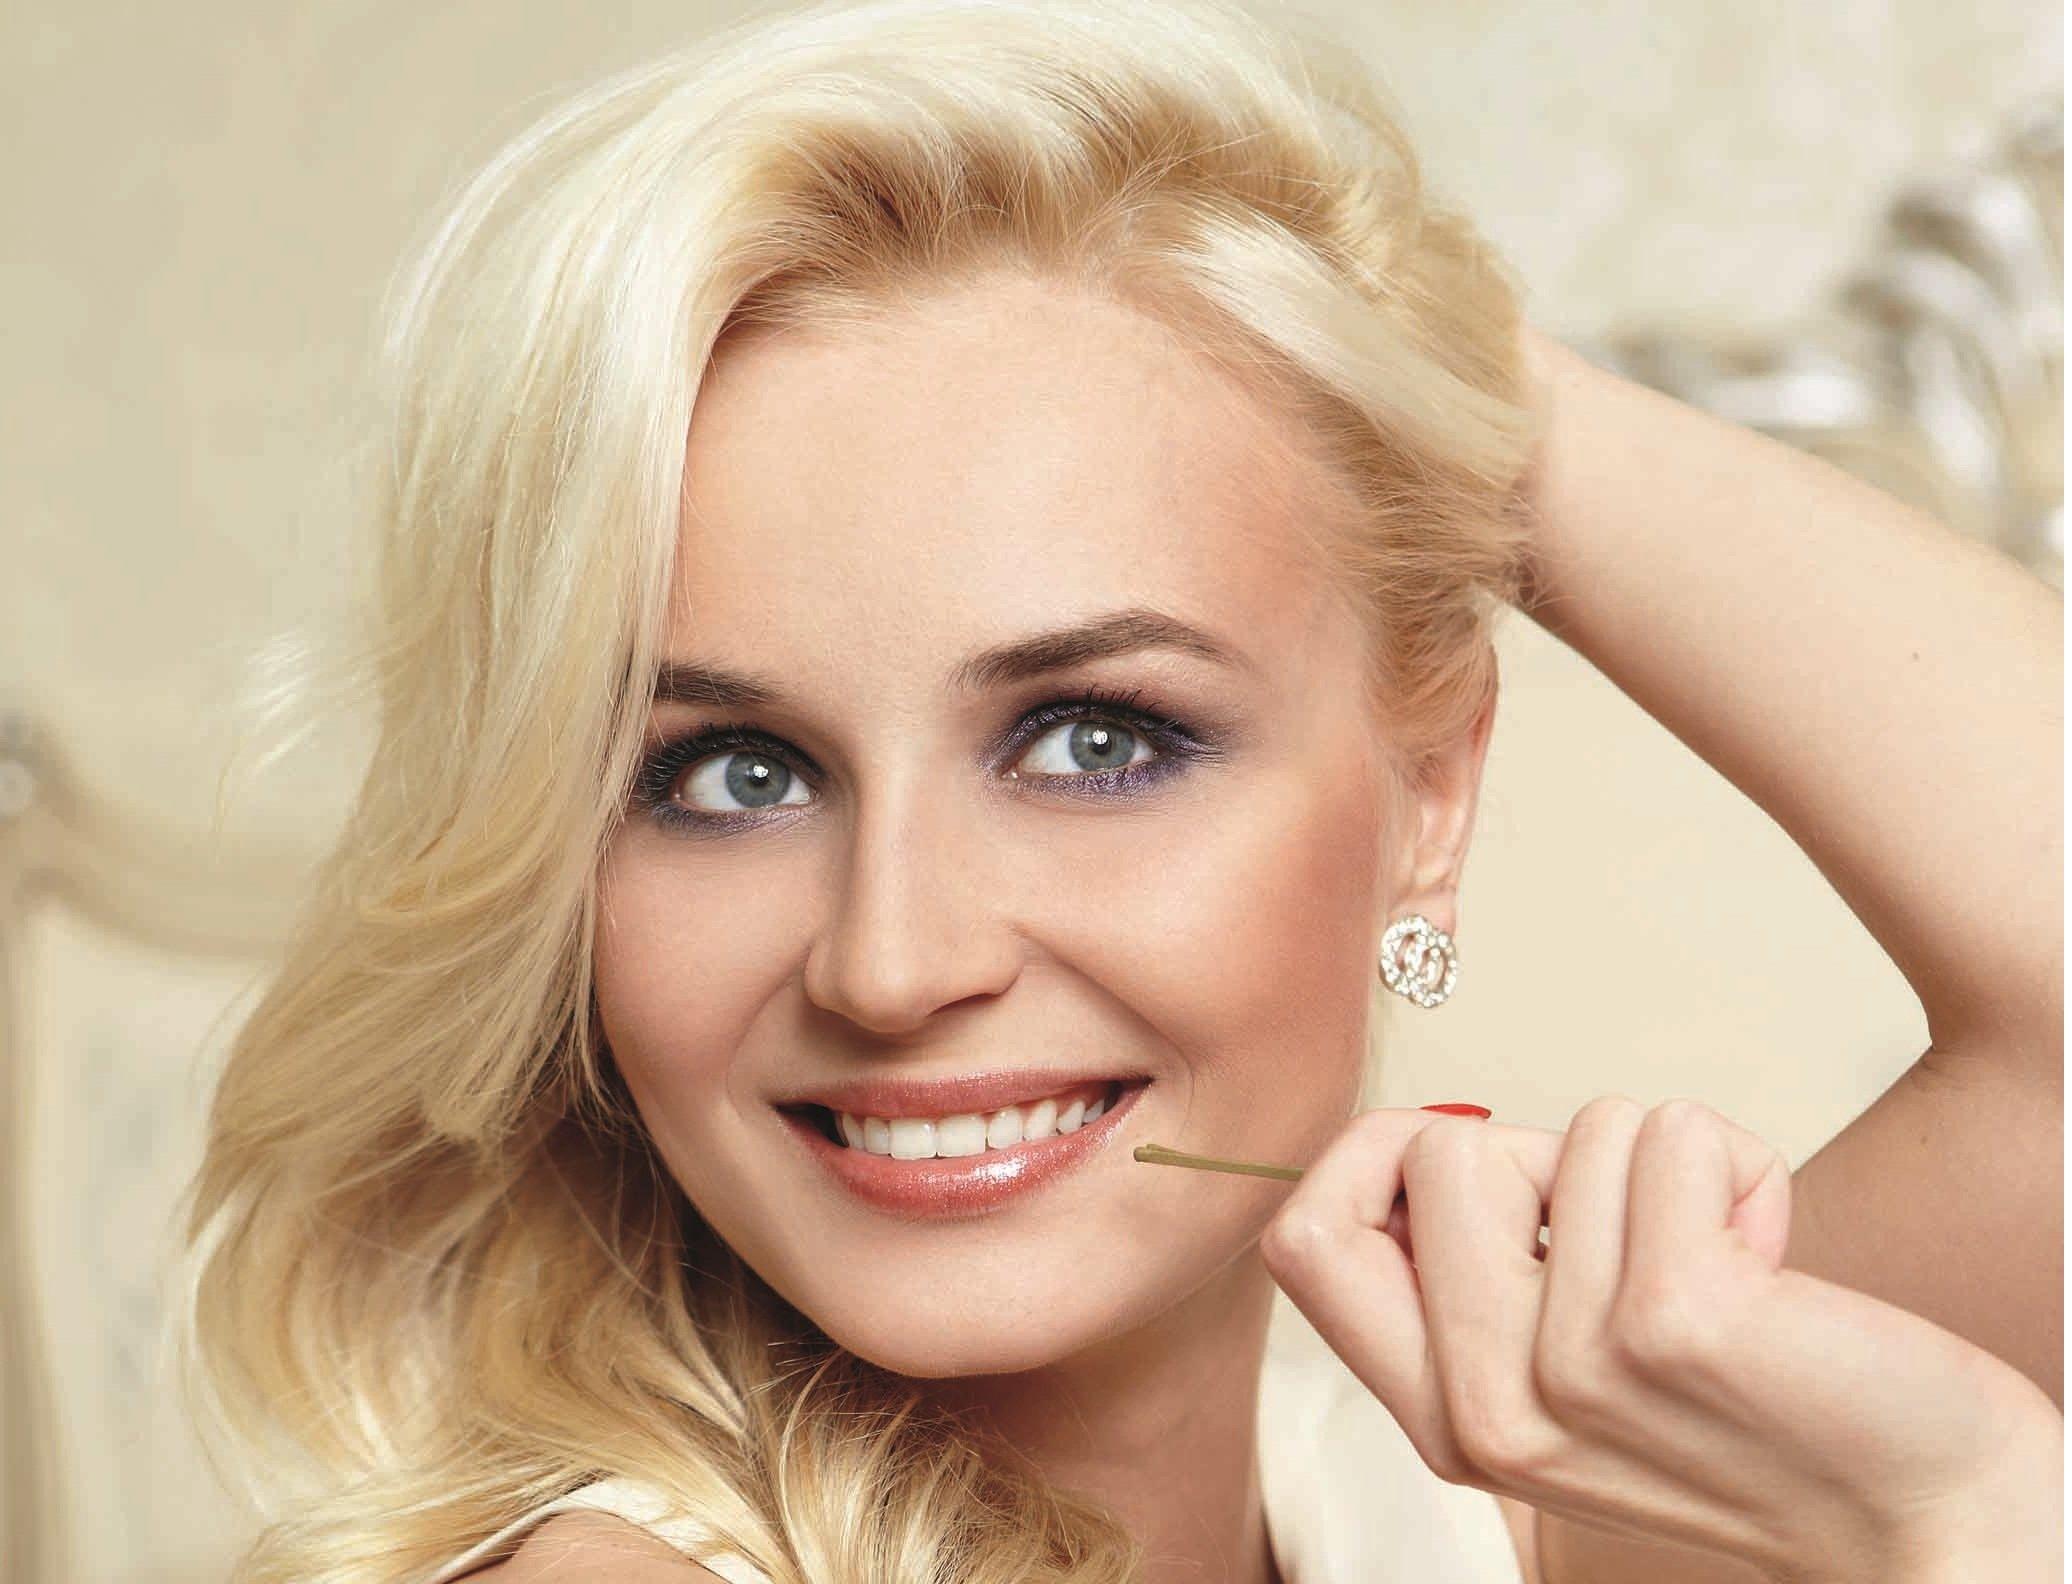 Фото девушек звезд эстрады, Голые знаменитости - российские голые звезды фото 21 фотография